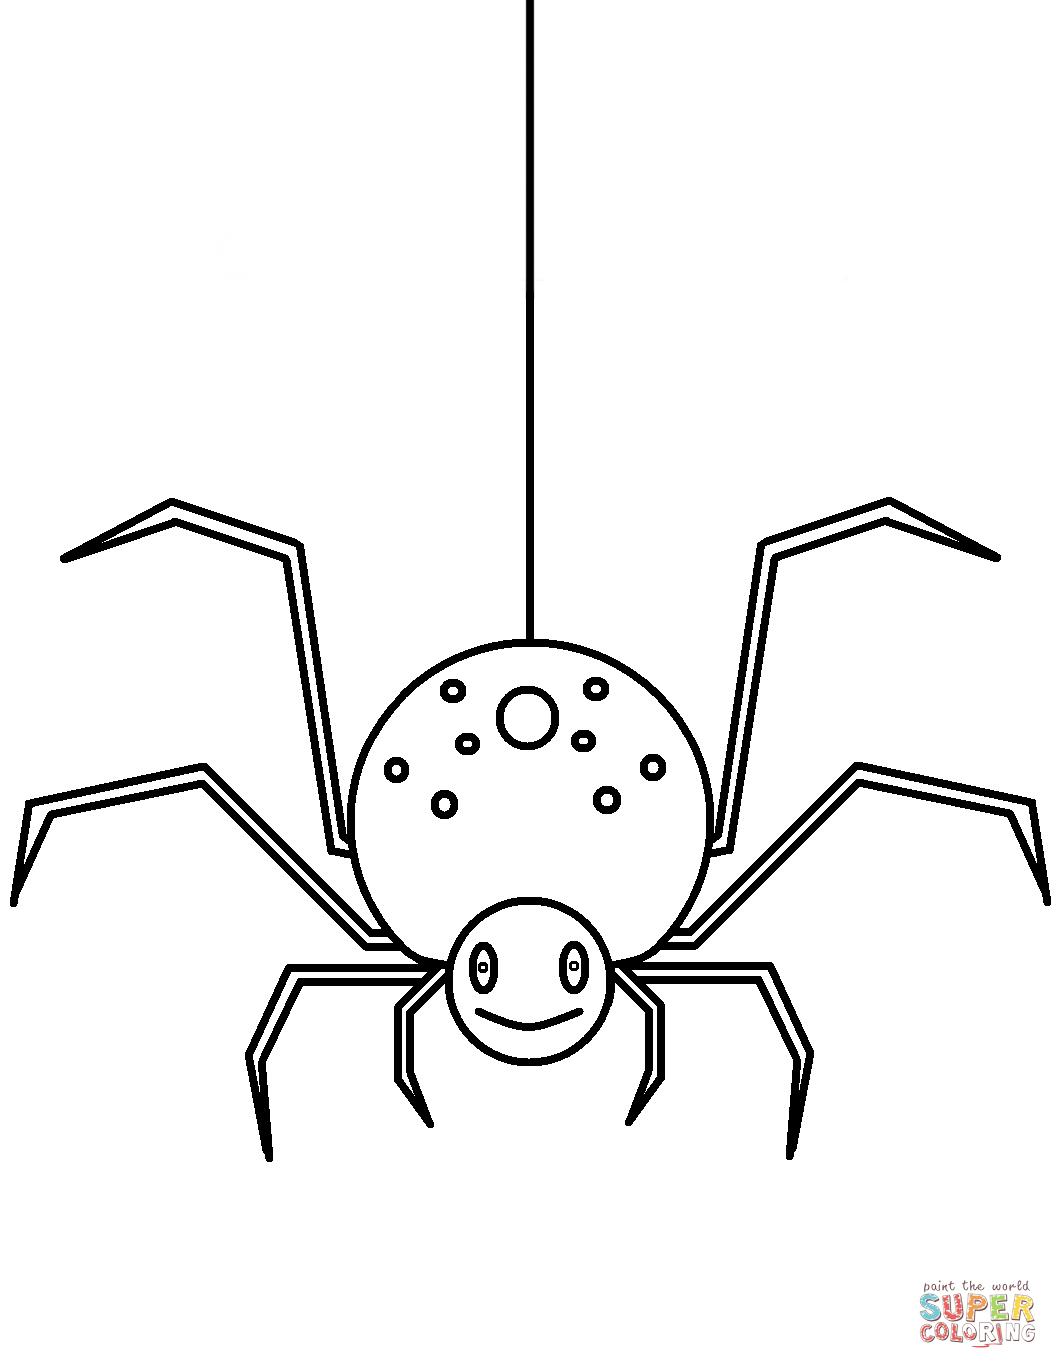 Ausmalbilder Spinnen - Malvorlagen Kostenlos Zum Ausdrucken bestimmt für Spinnen Ausmalbilder Zum Ausdrucken